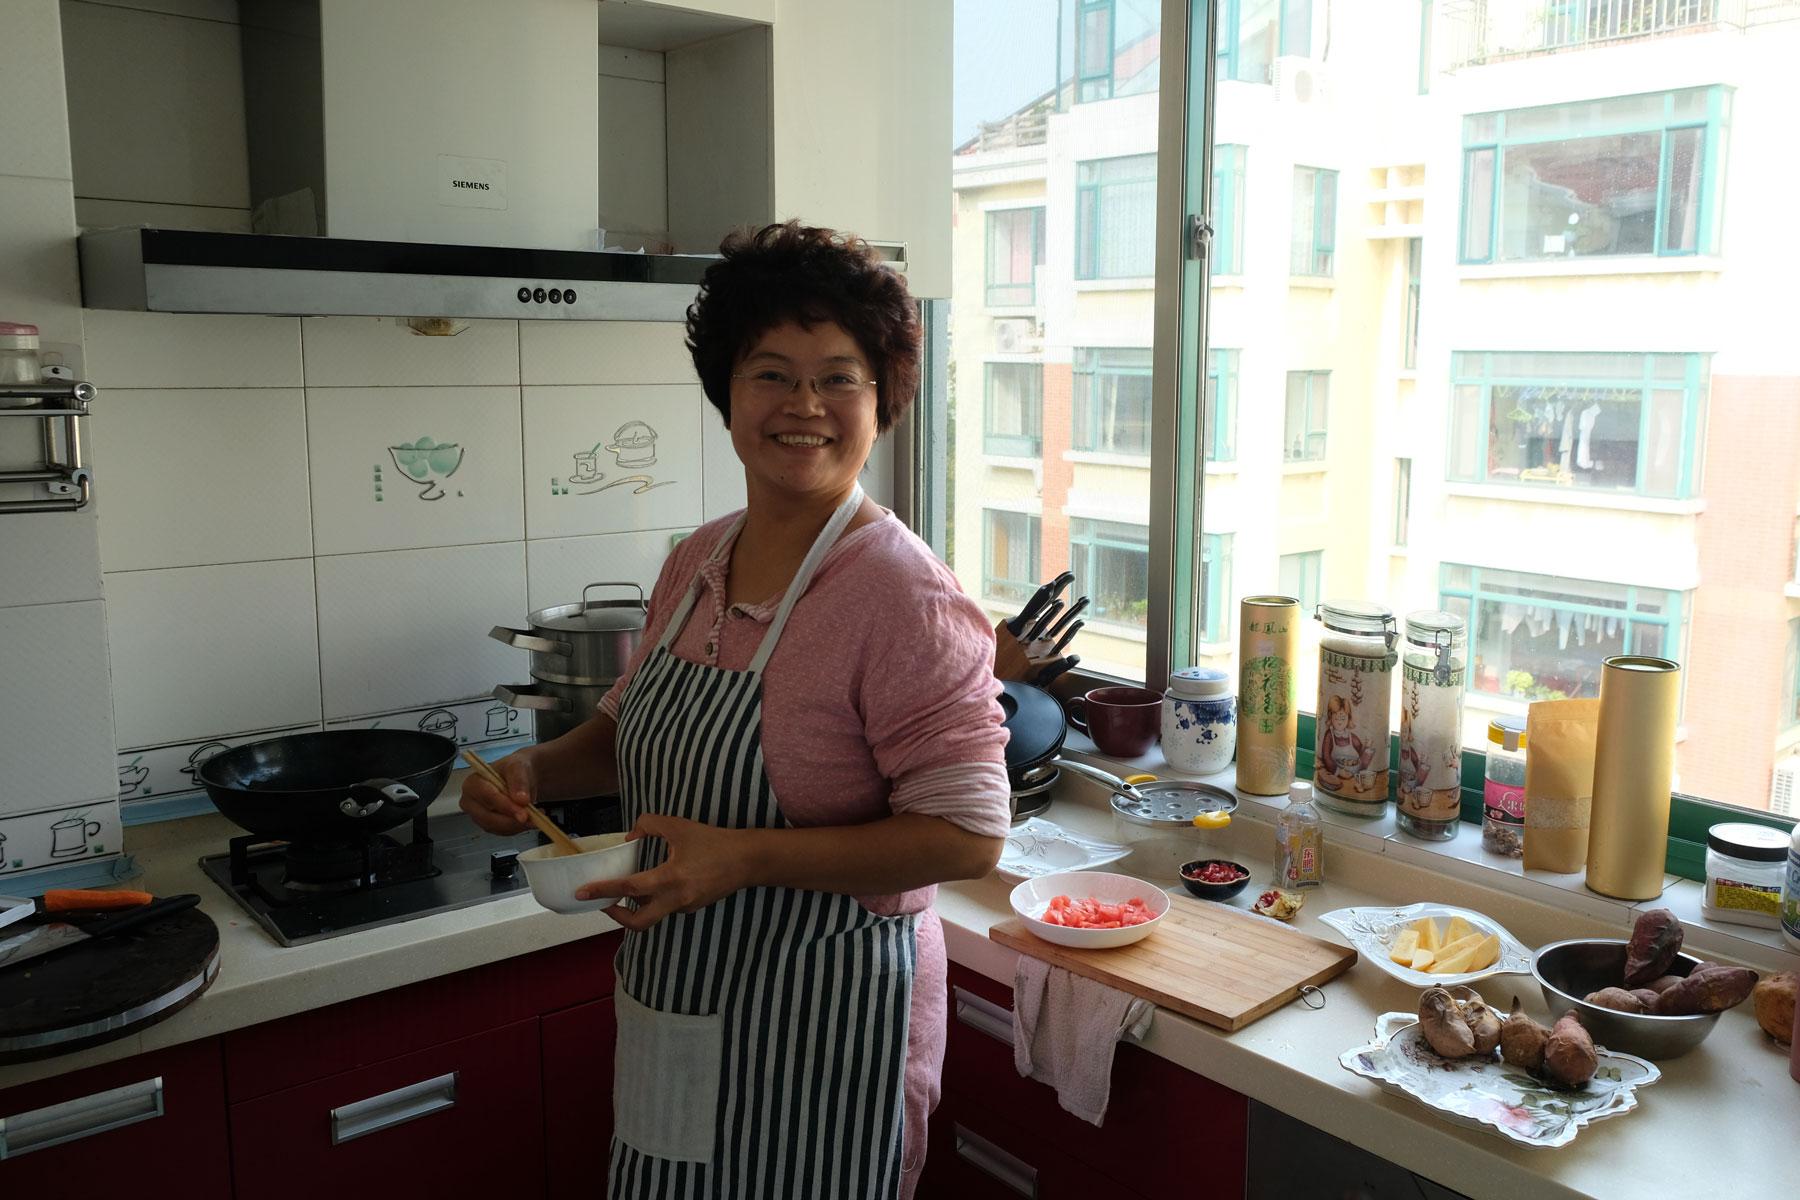 Sunny steht in ihrer Küche und bereitet uns ein Frühstück zu